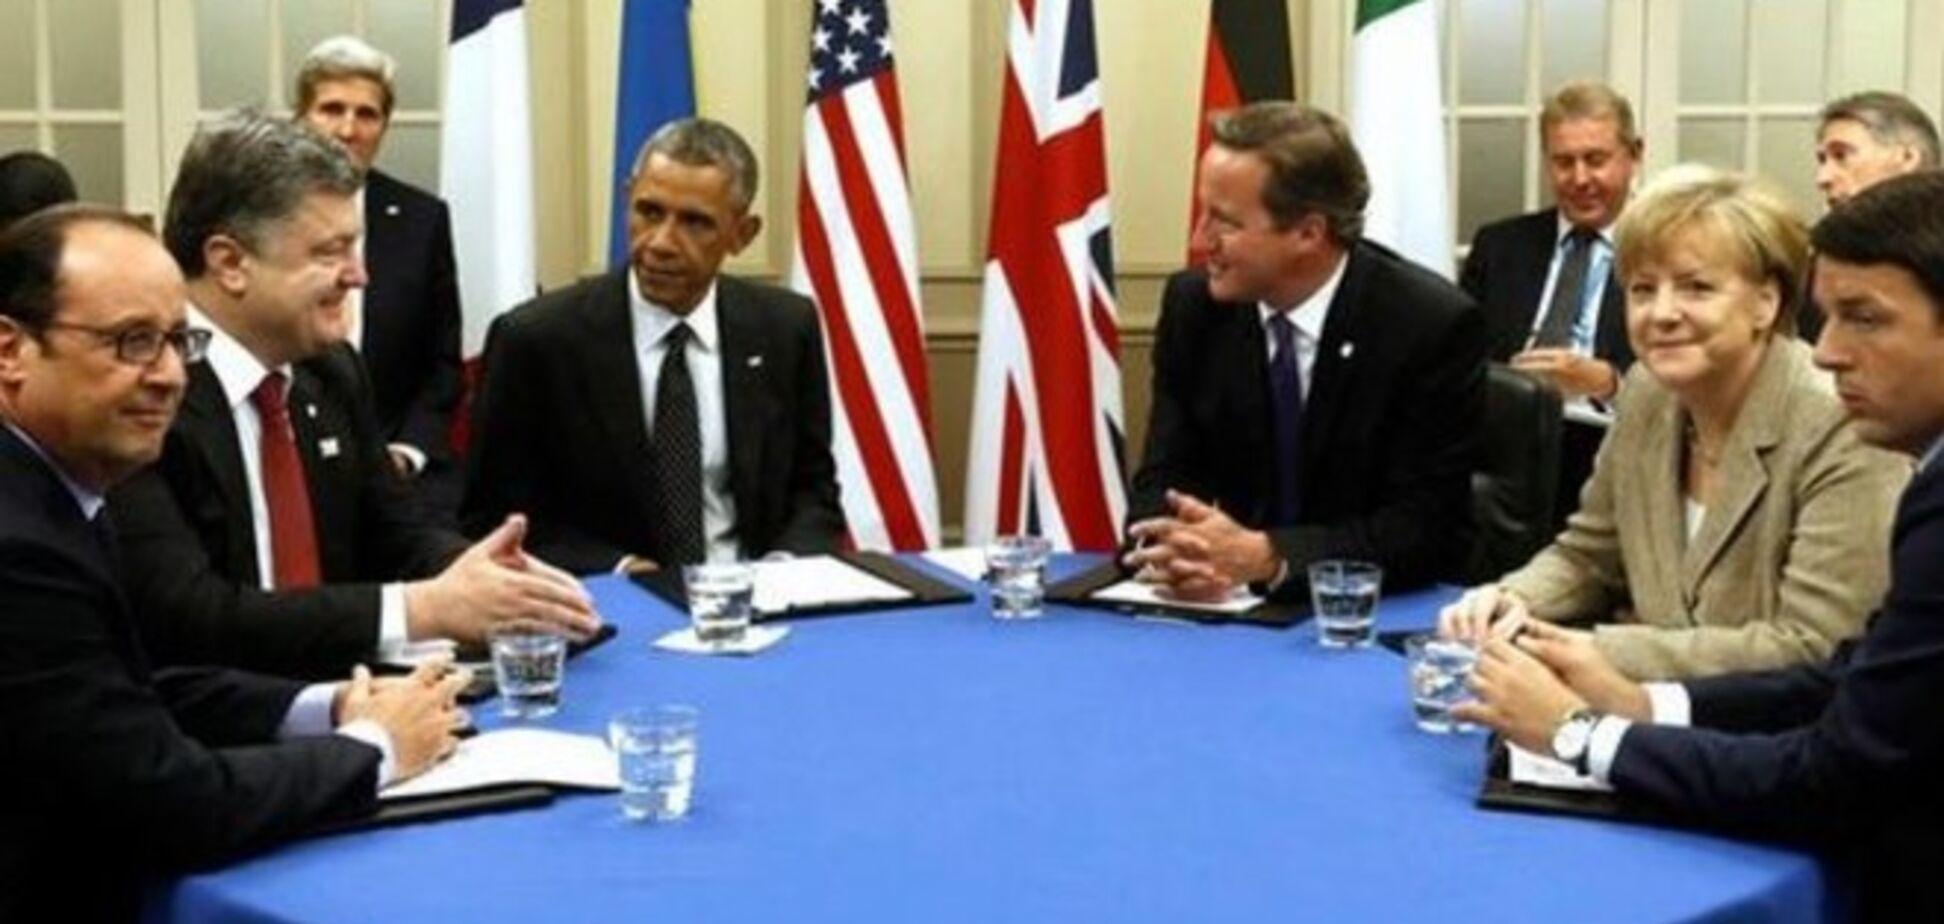 Російський політолог розповів, як Путіну вдається шантажувати Порошенка, Обаму і Меркель